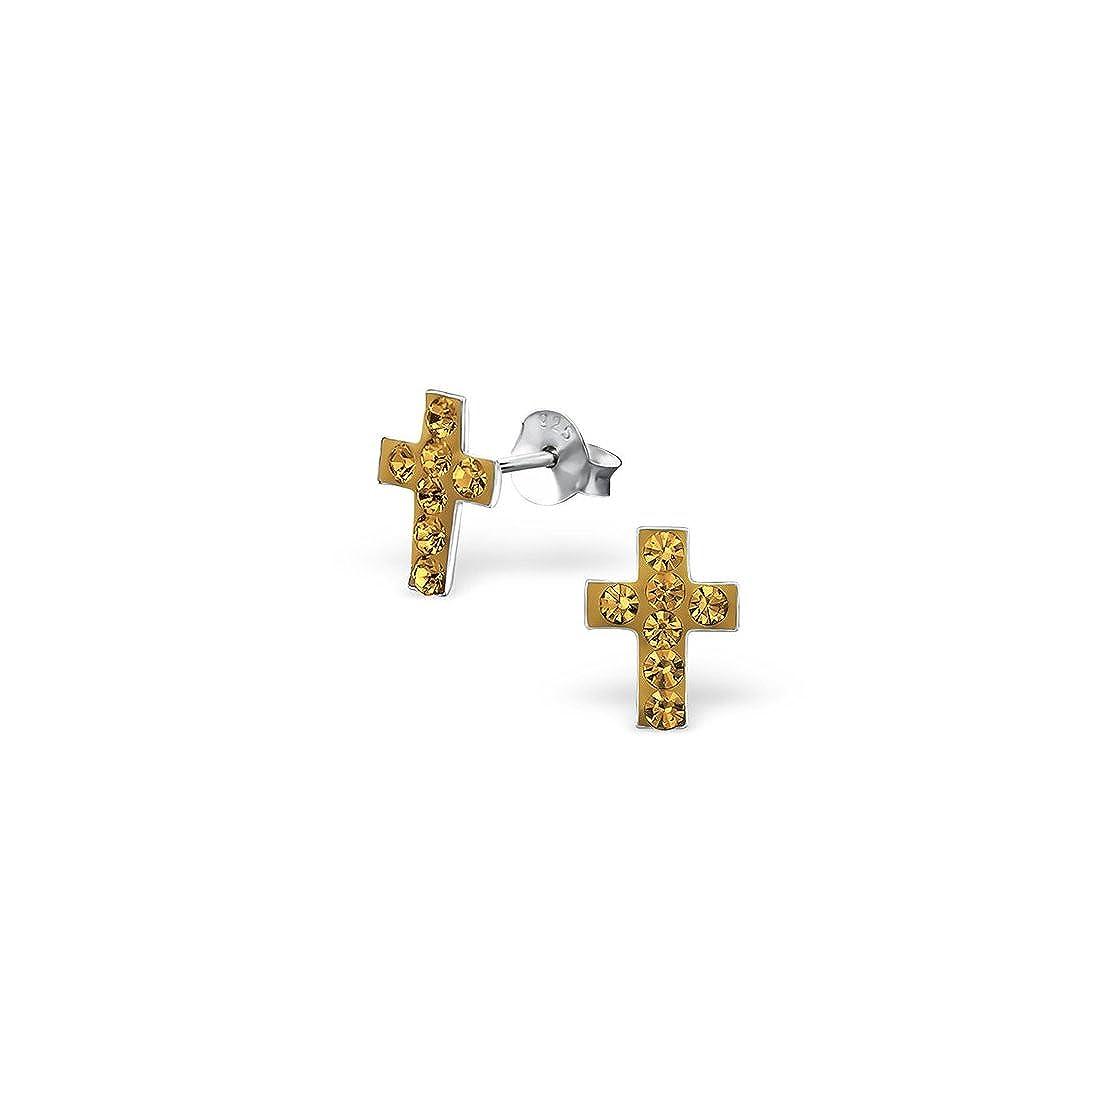 Girls Cross Crystal Ear Studs 925 Sterling Silver